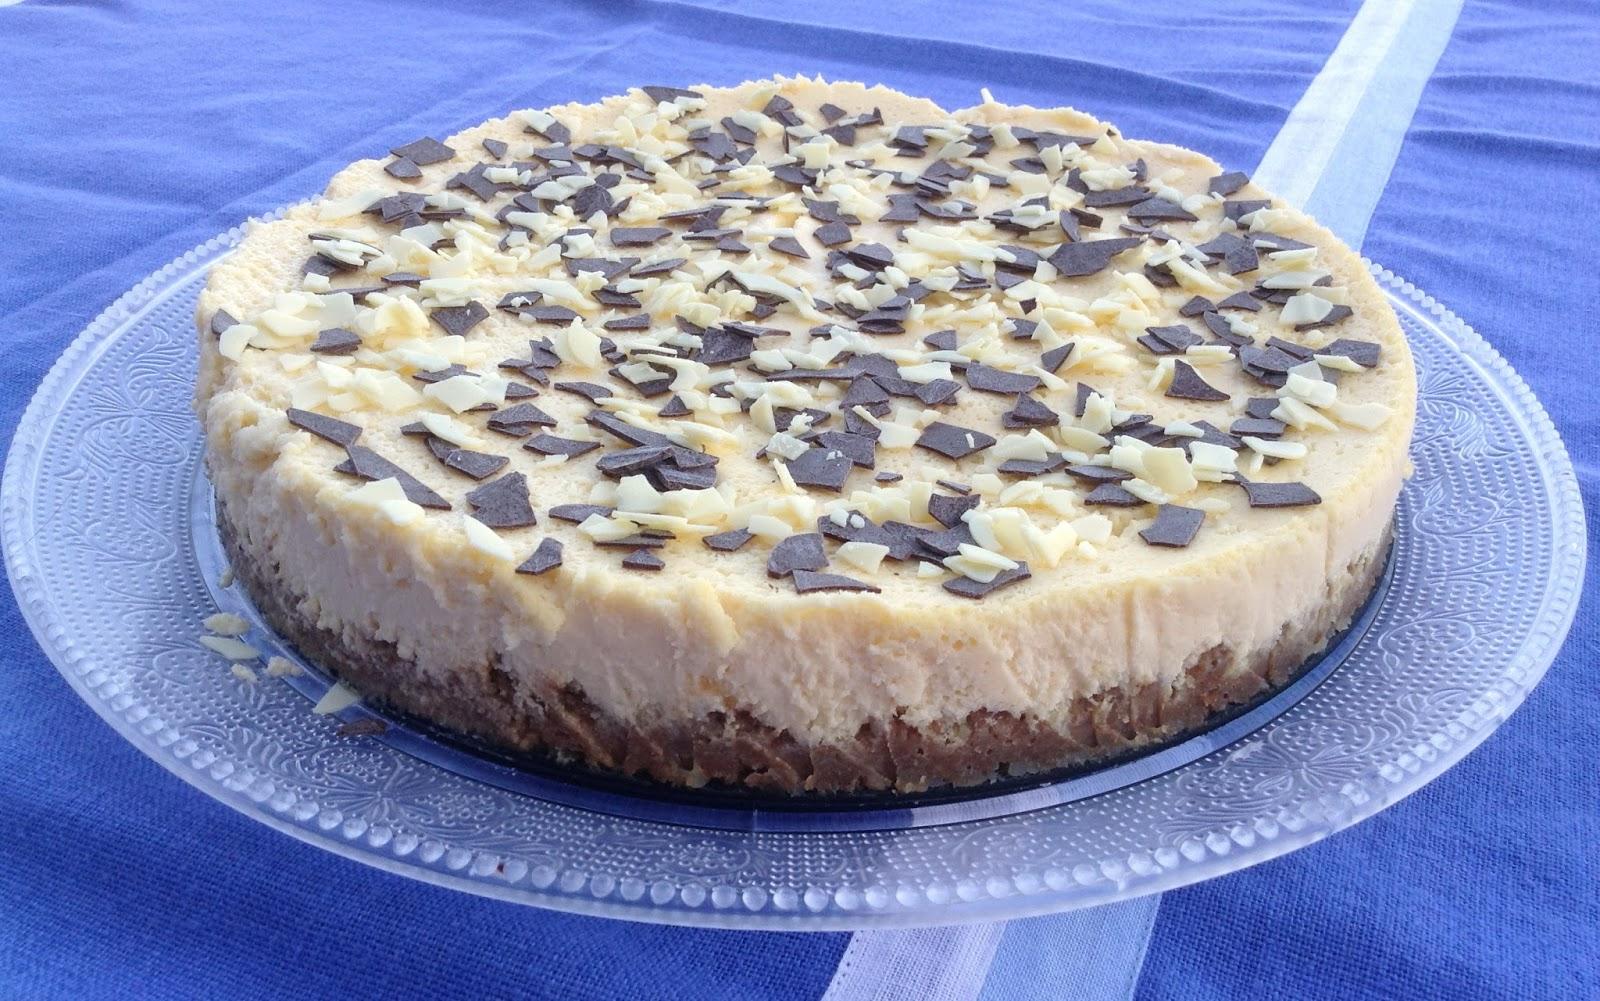 Tarta de queso y chocolate blanco con manzanas caramelizadas